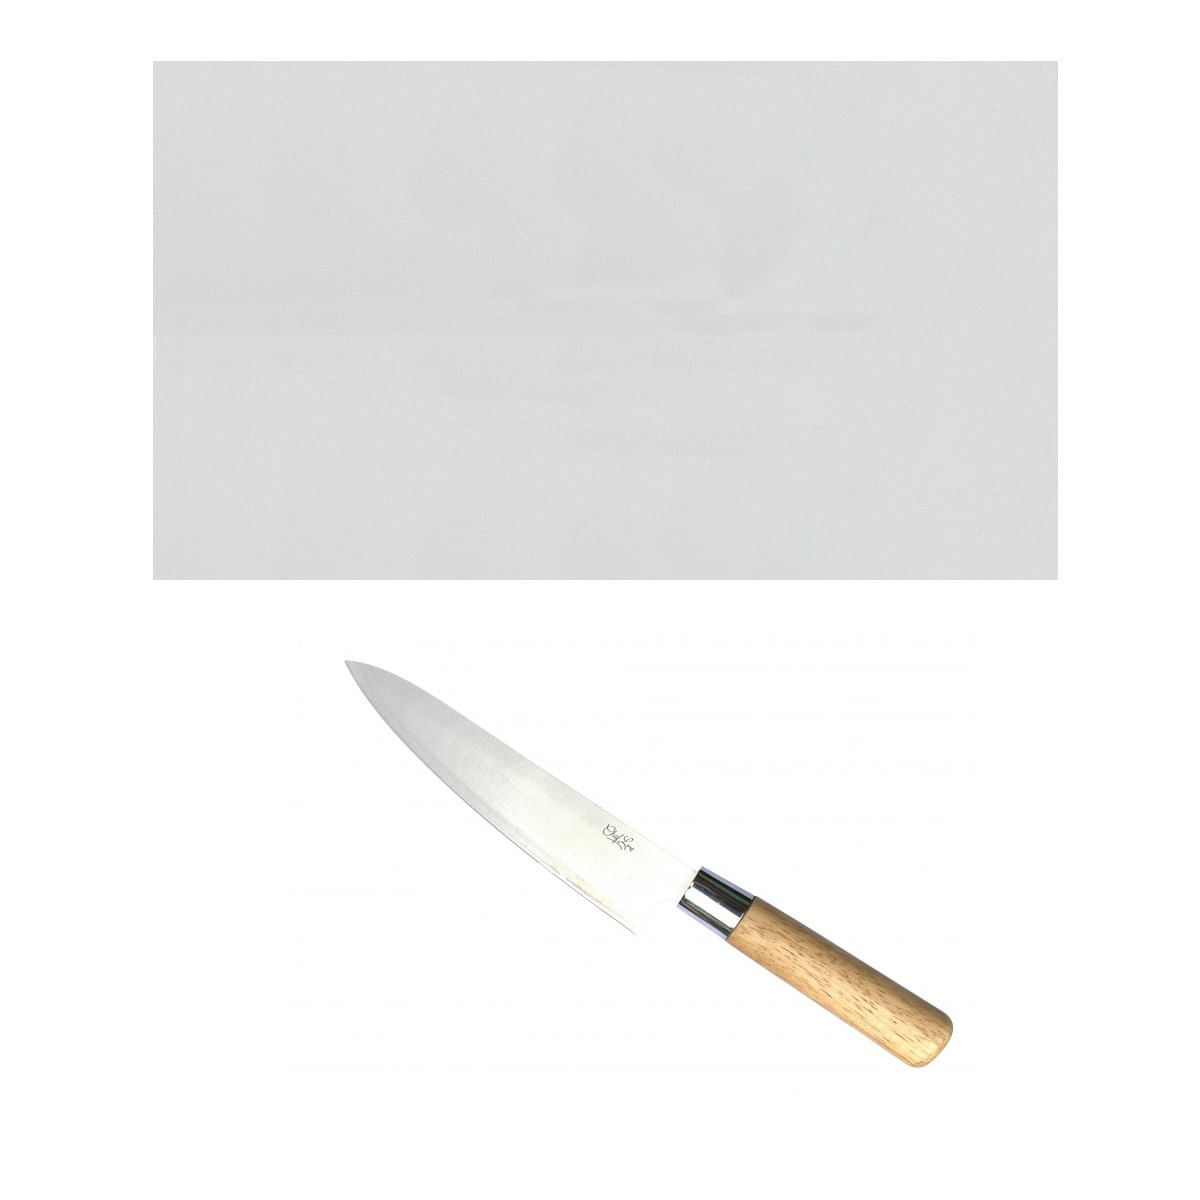 Tabua Corte LISA branca 50x30 - Polietileno - com faca Sushi